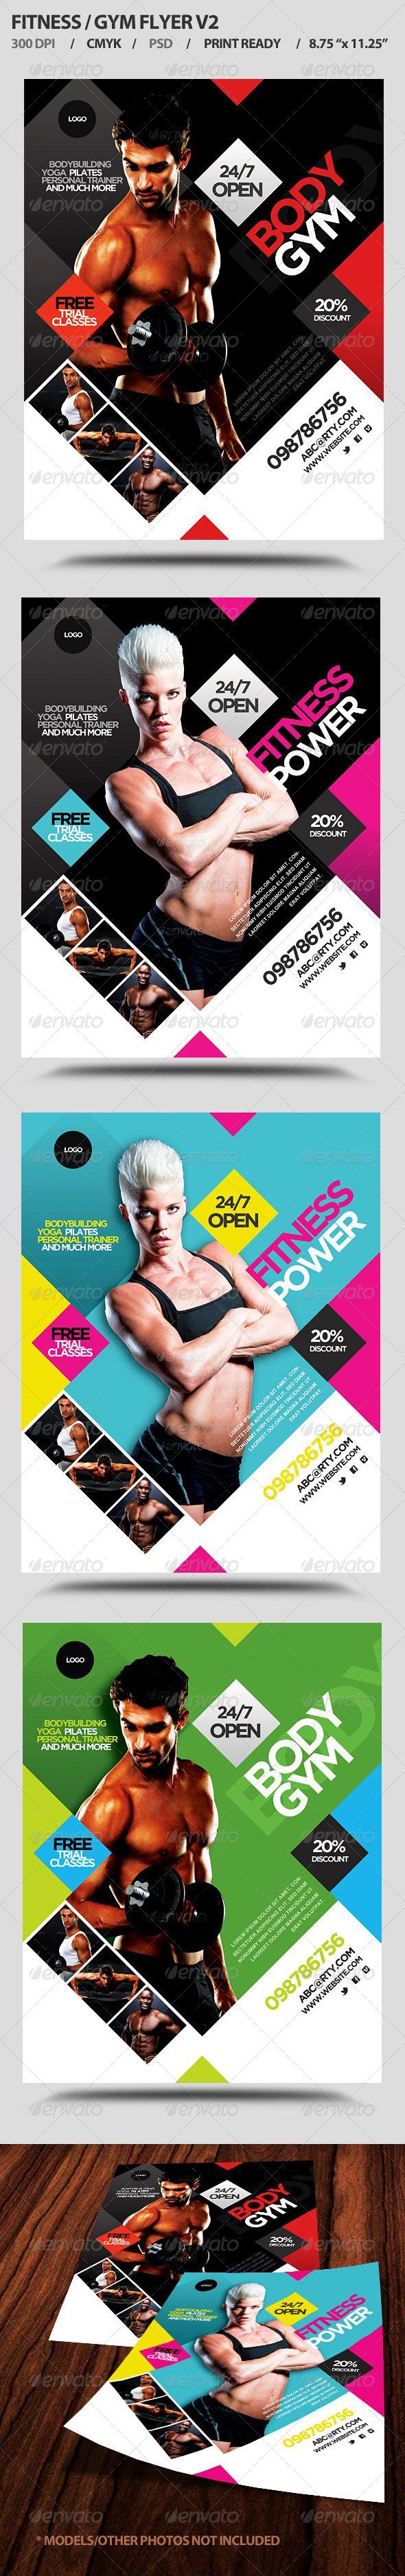 Fitness/Gym Business Promotion Flyer V2